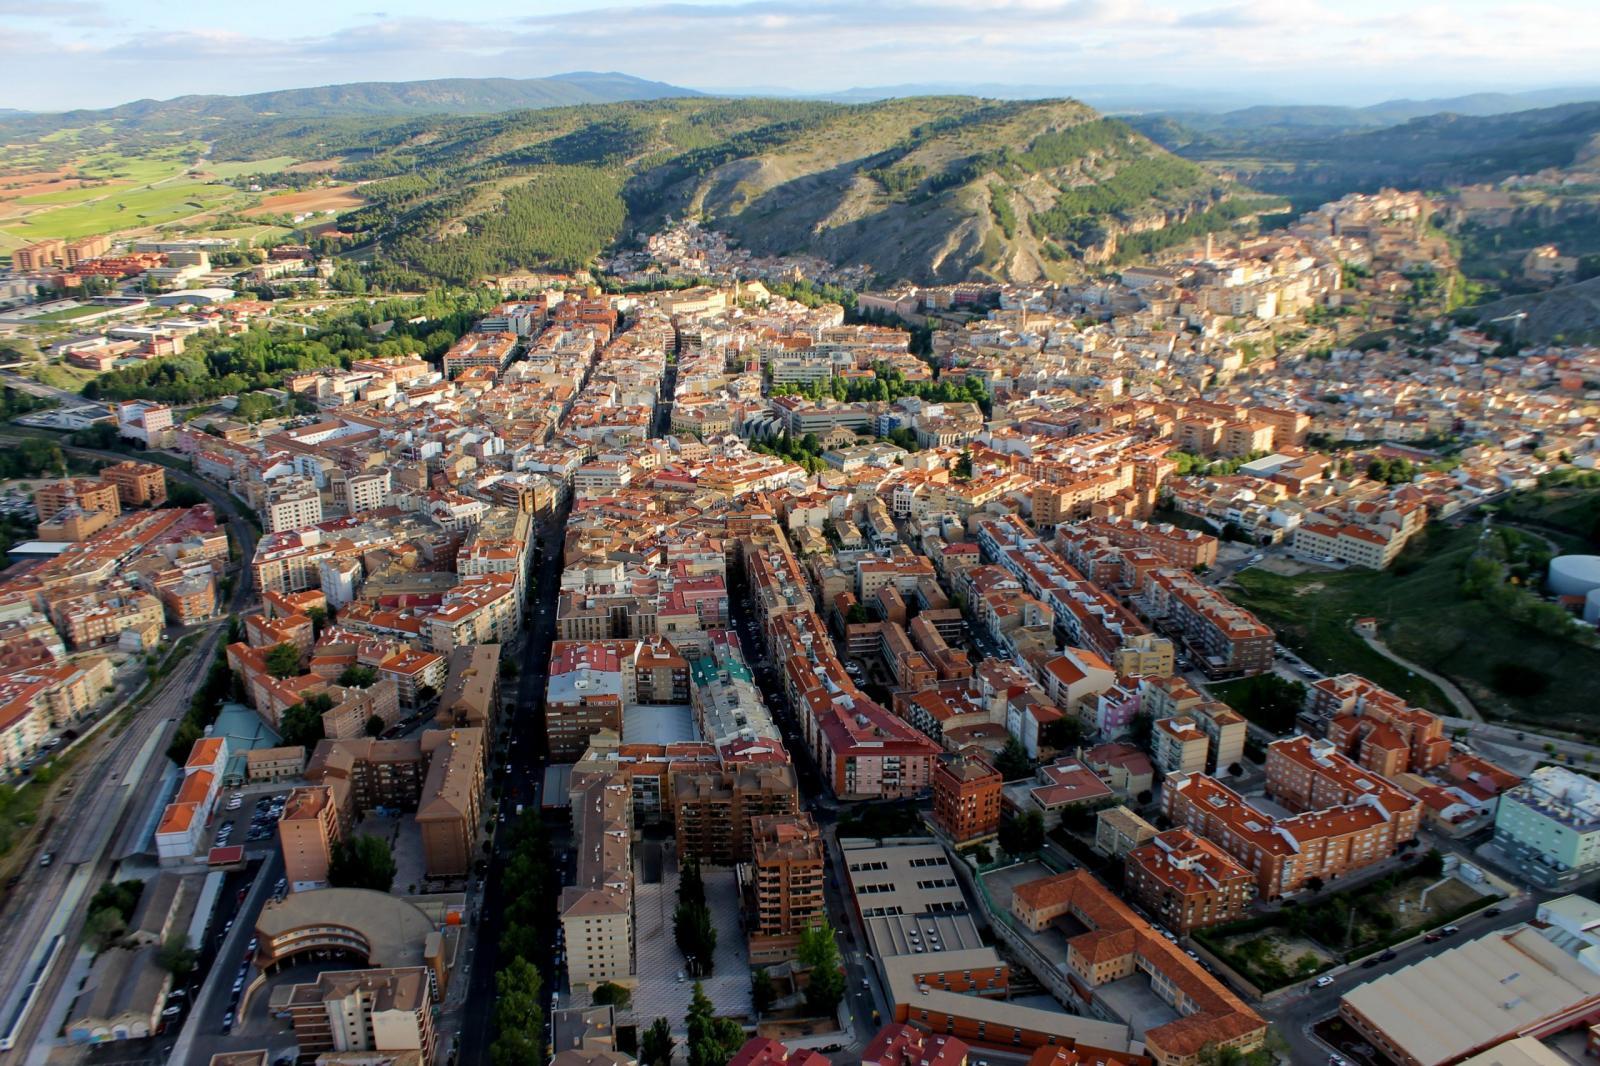 Rebi busca personal interesado en formar parte de su próximo proyecto en Cuenca